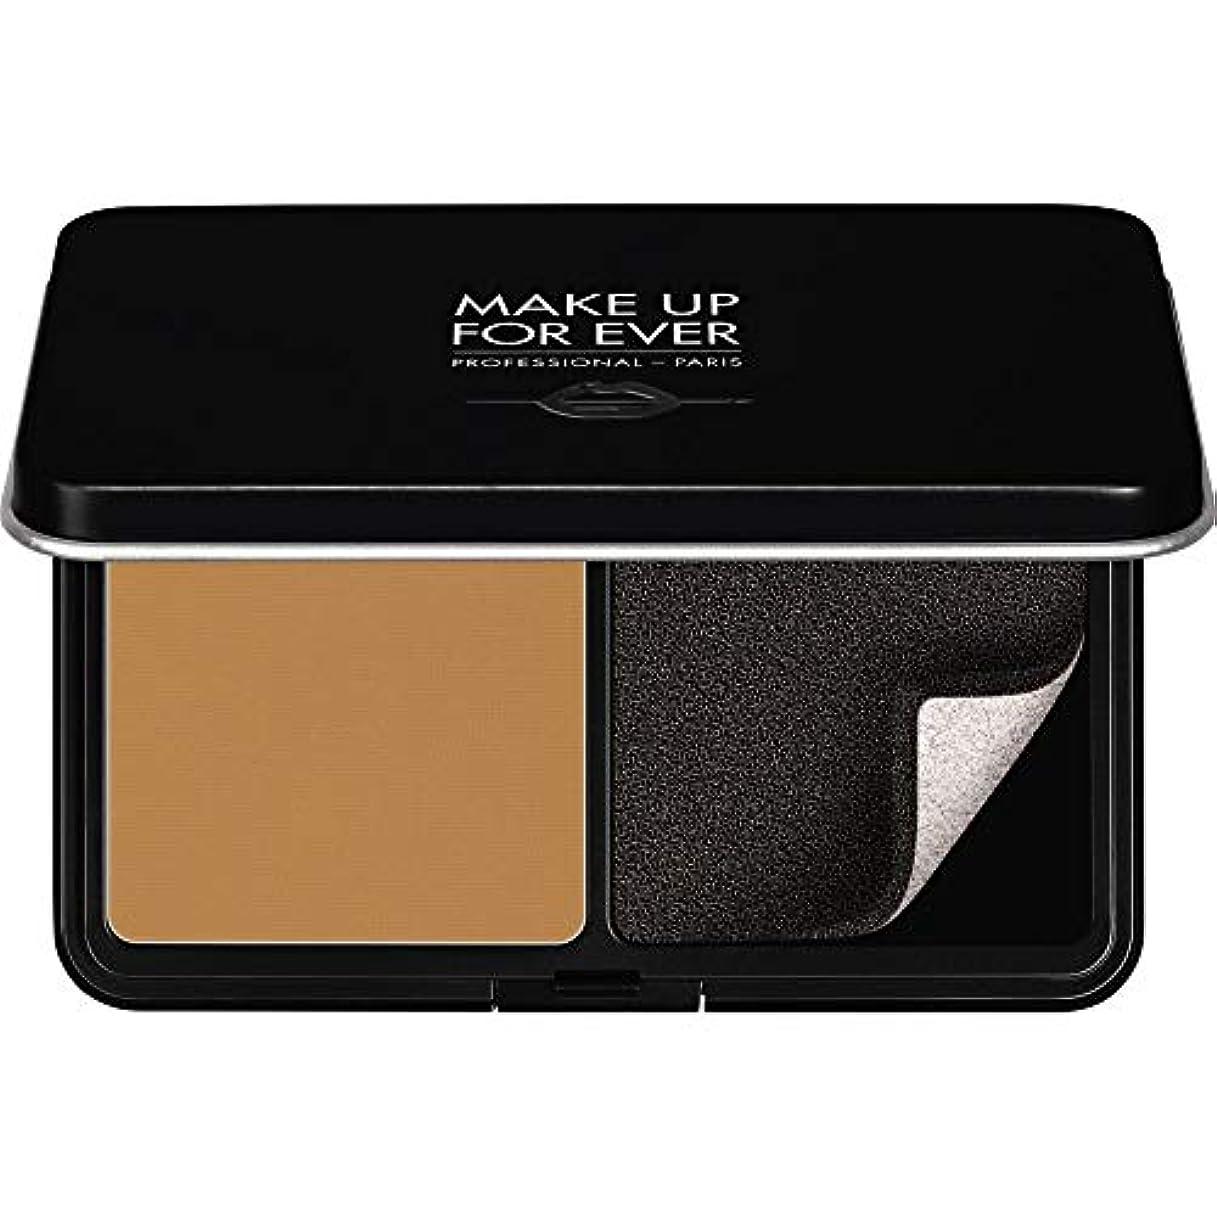 スティーブンソン交じる愛情[MAKE UP FOR EVER ] パウダーファンデーション11GののY455をぼかし、これまでマットベルベットの肌を補う - プラリネ - MAKE UP FOR EVER Matte Velvet Skin Blurring Powder Foundation 11g Y455 - Praline [並行輸入品]